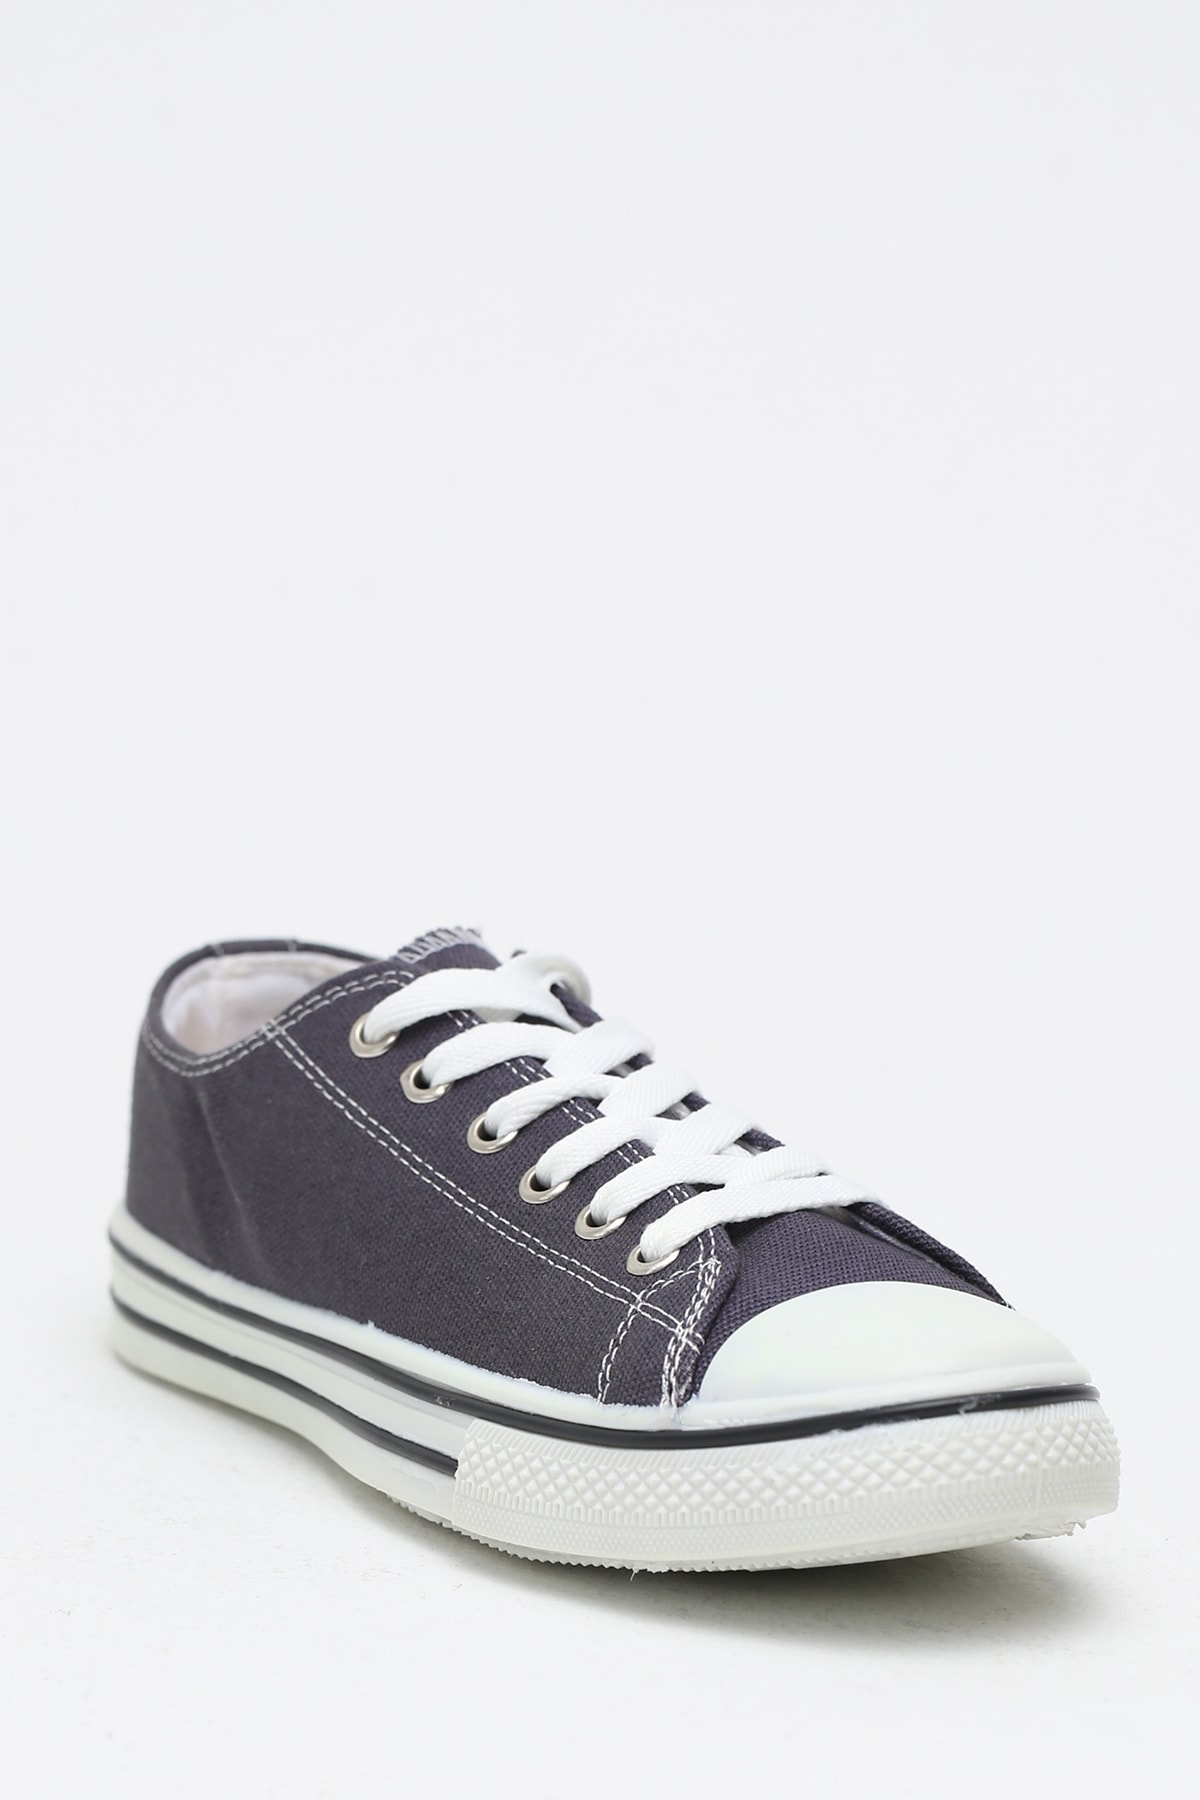 Ayakkabı Modası Füme Krem Kadın Ayakkabı M9999-19-100165R 2